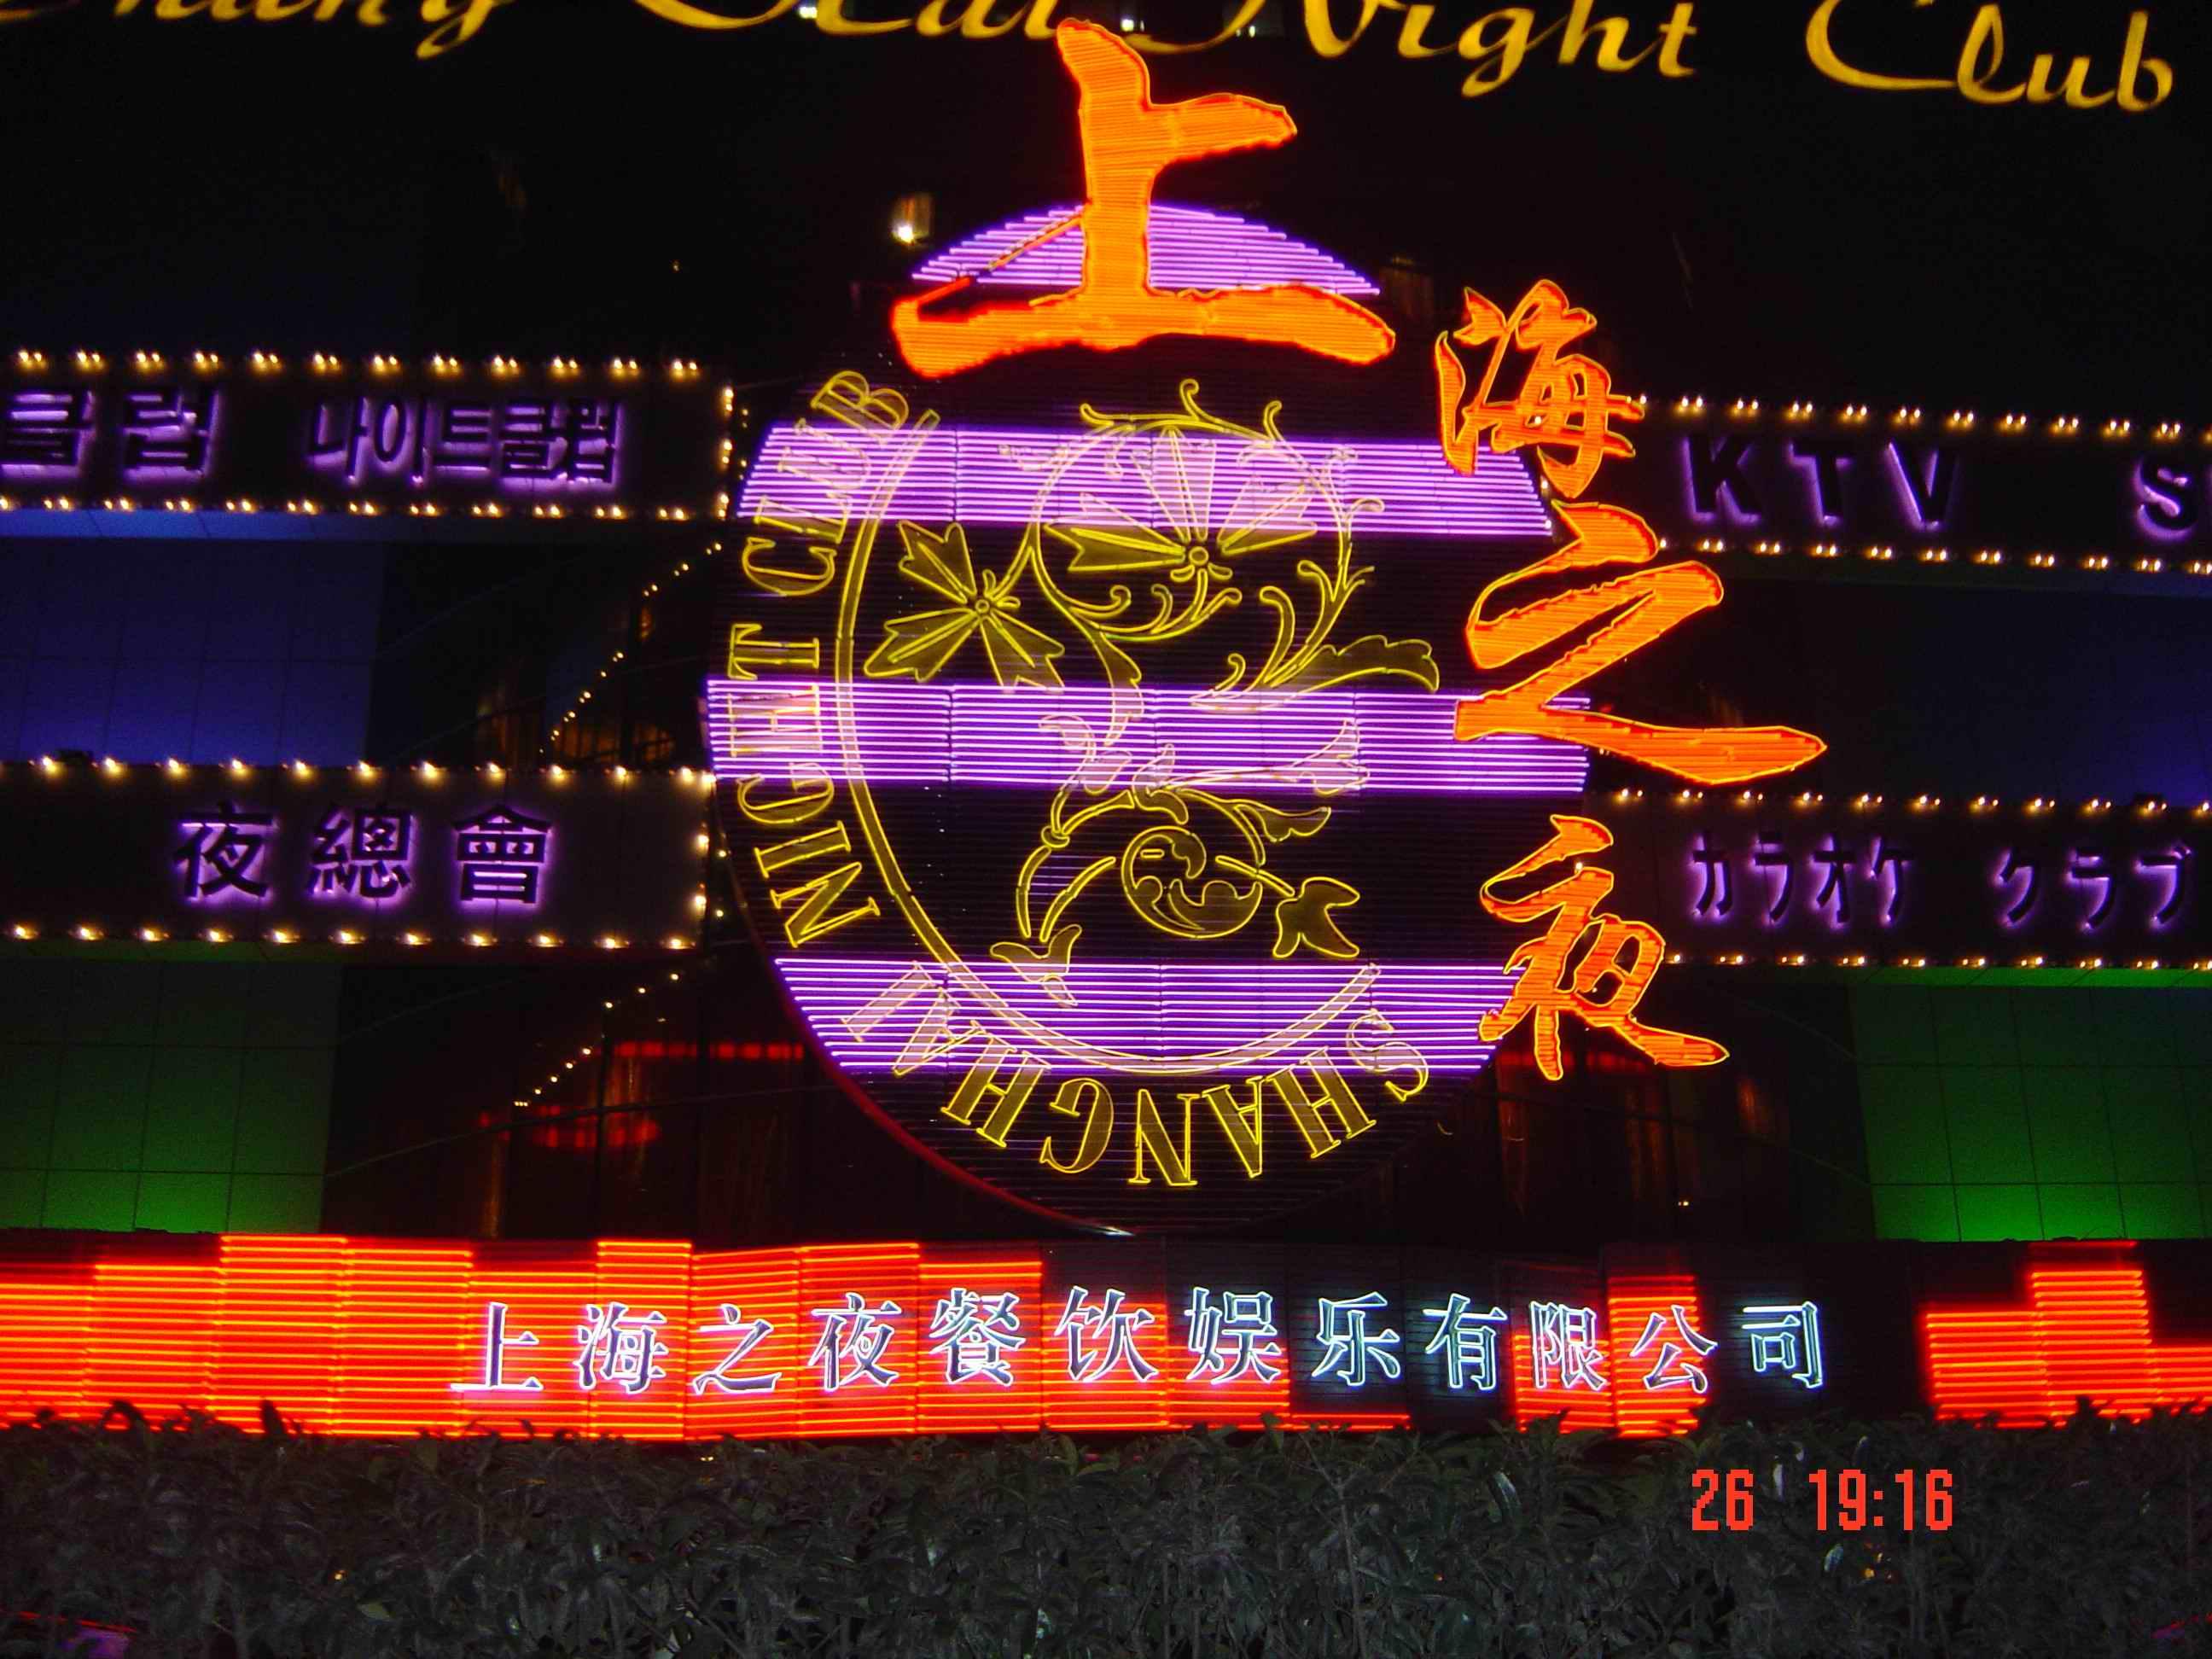 上海之夜演艺厅